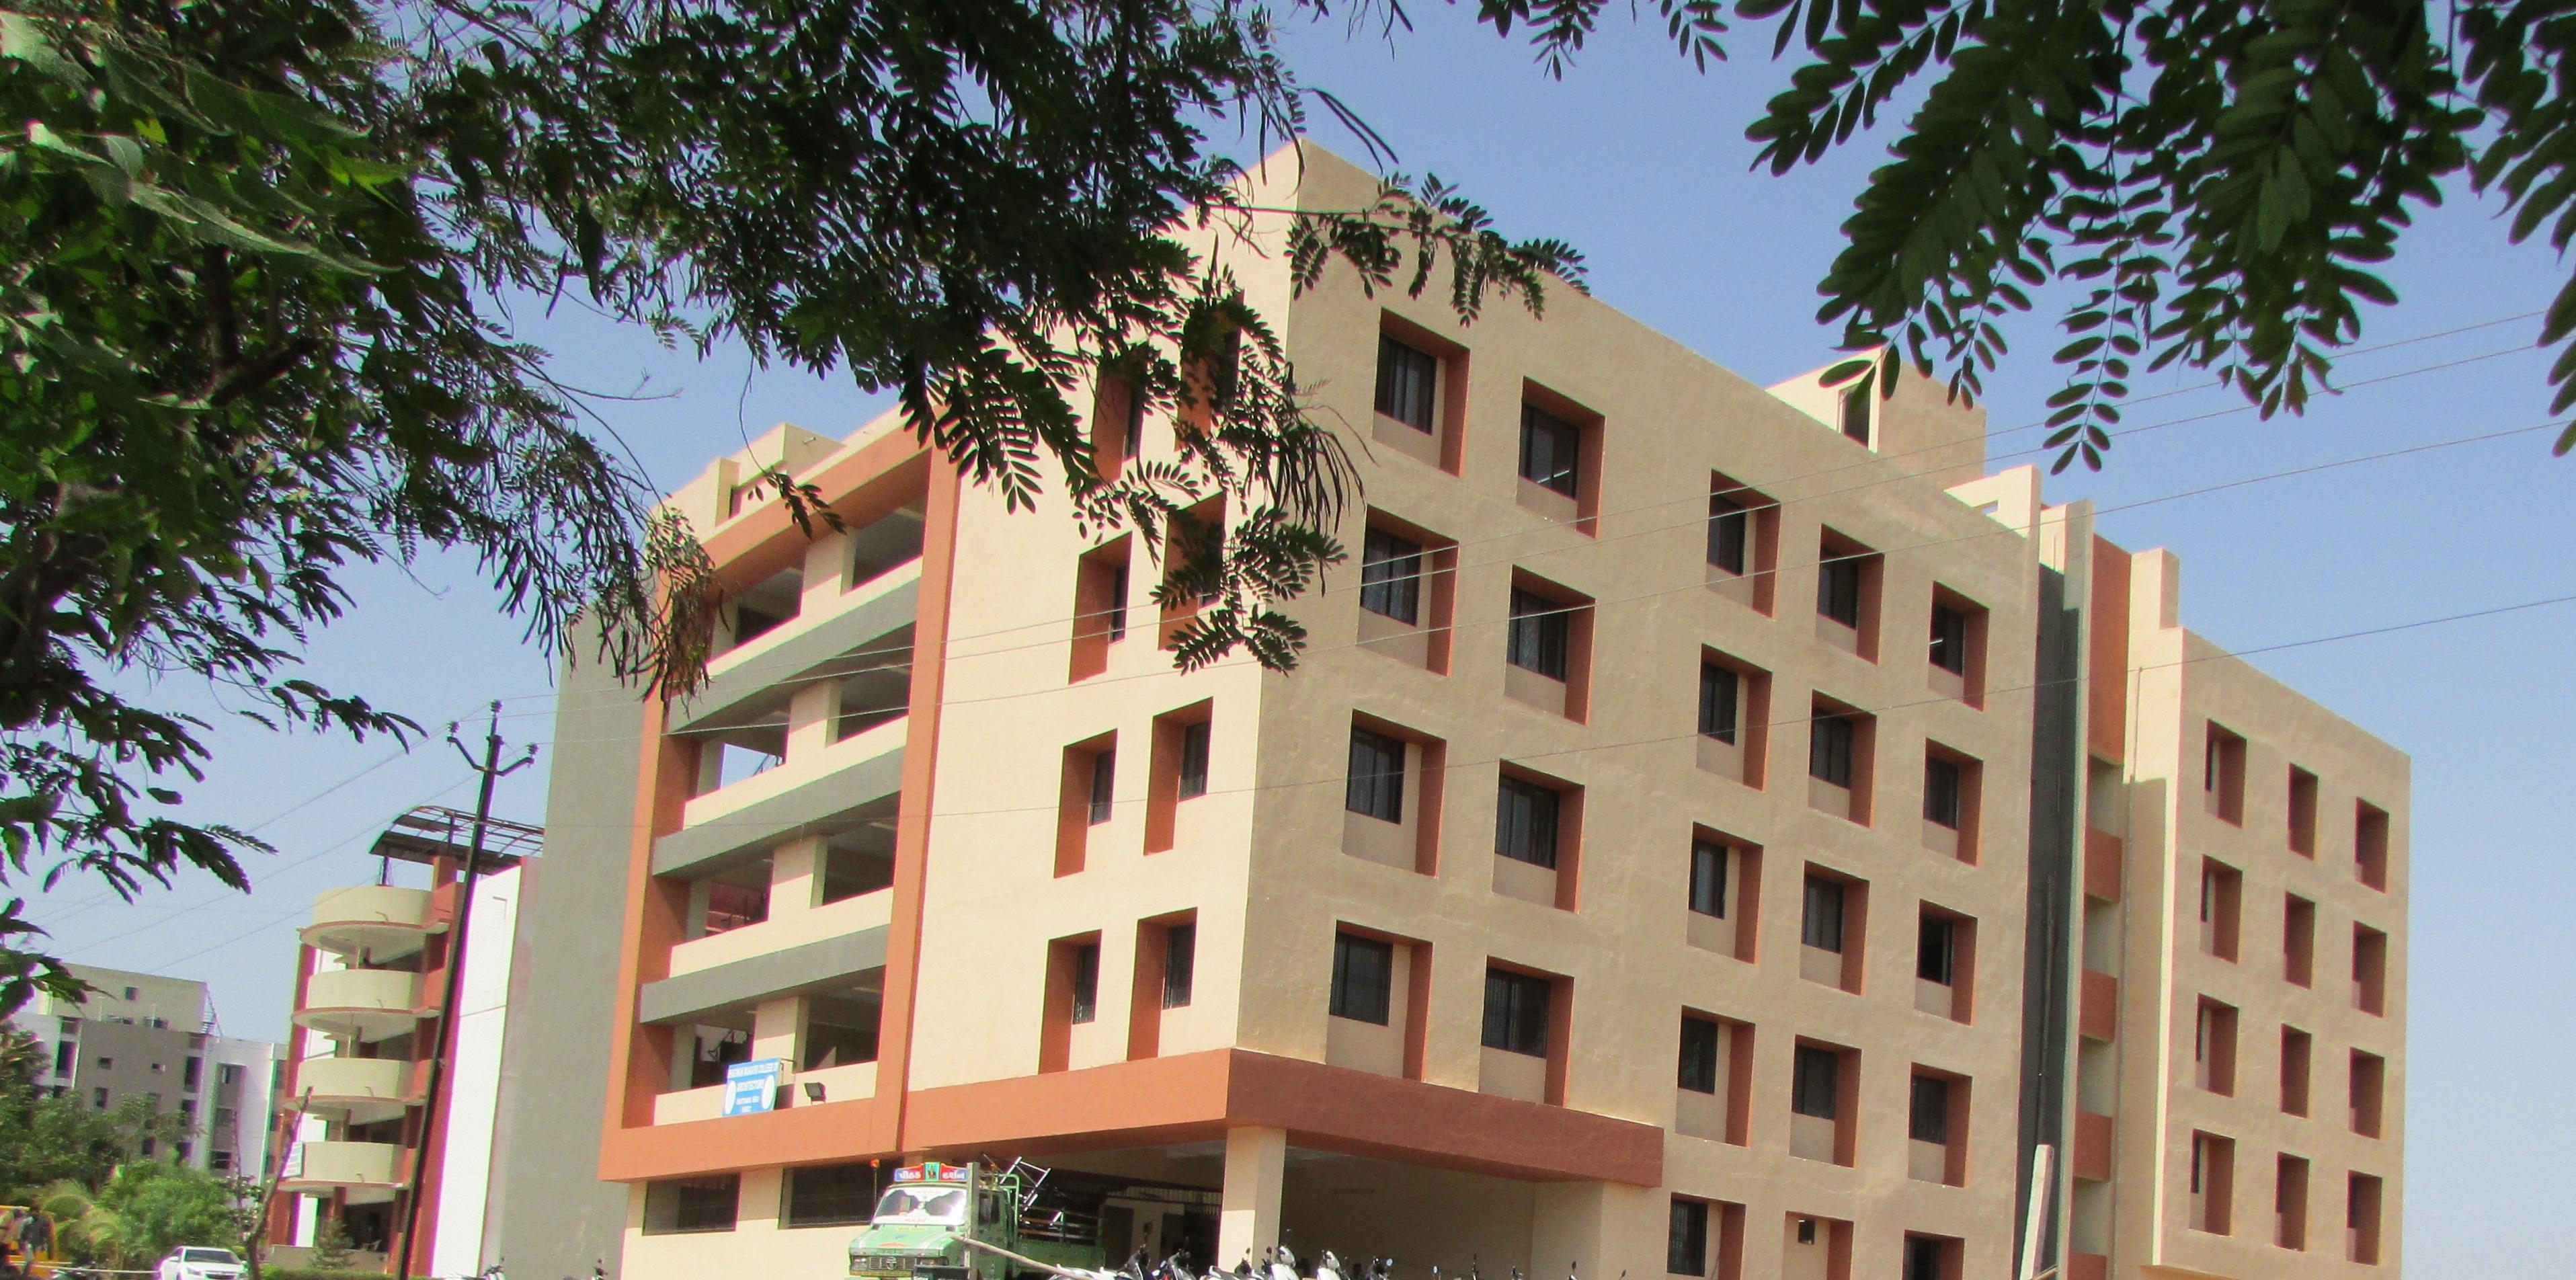 Bhagwan Mahavir College Of Architecture, Surat